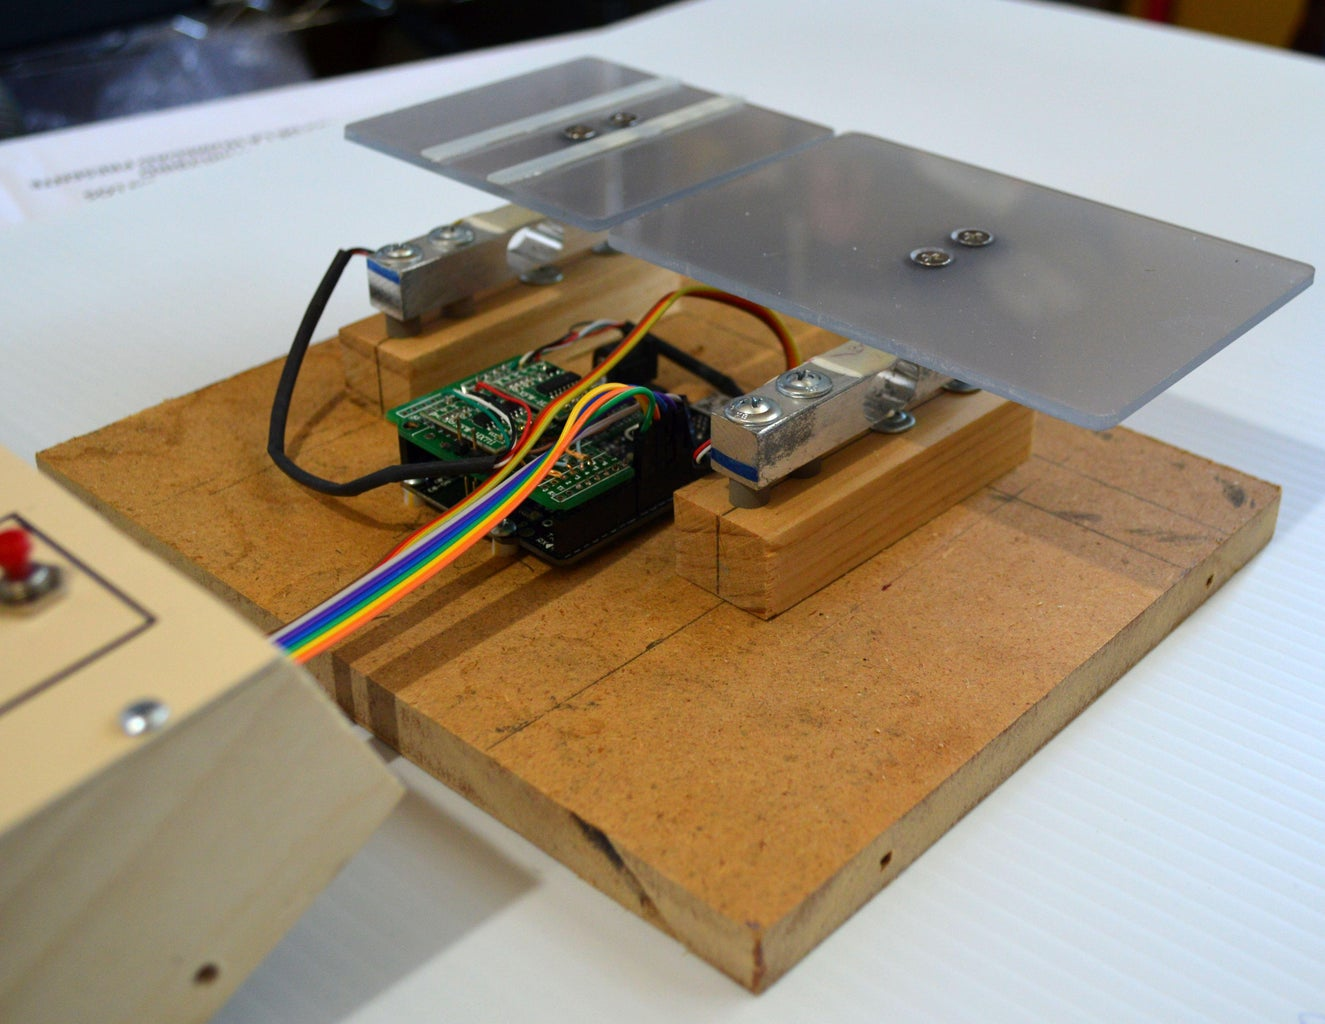 Fabricating the Weighing Platforms